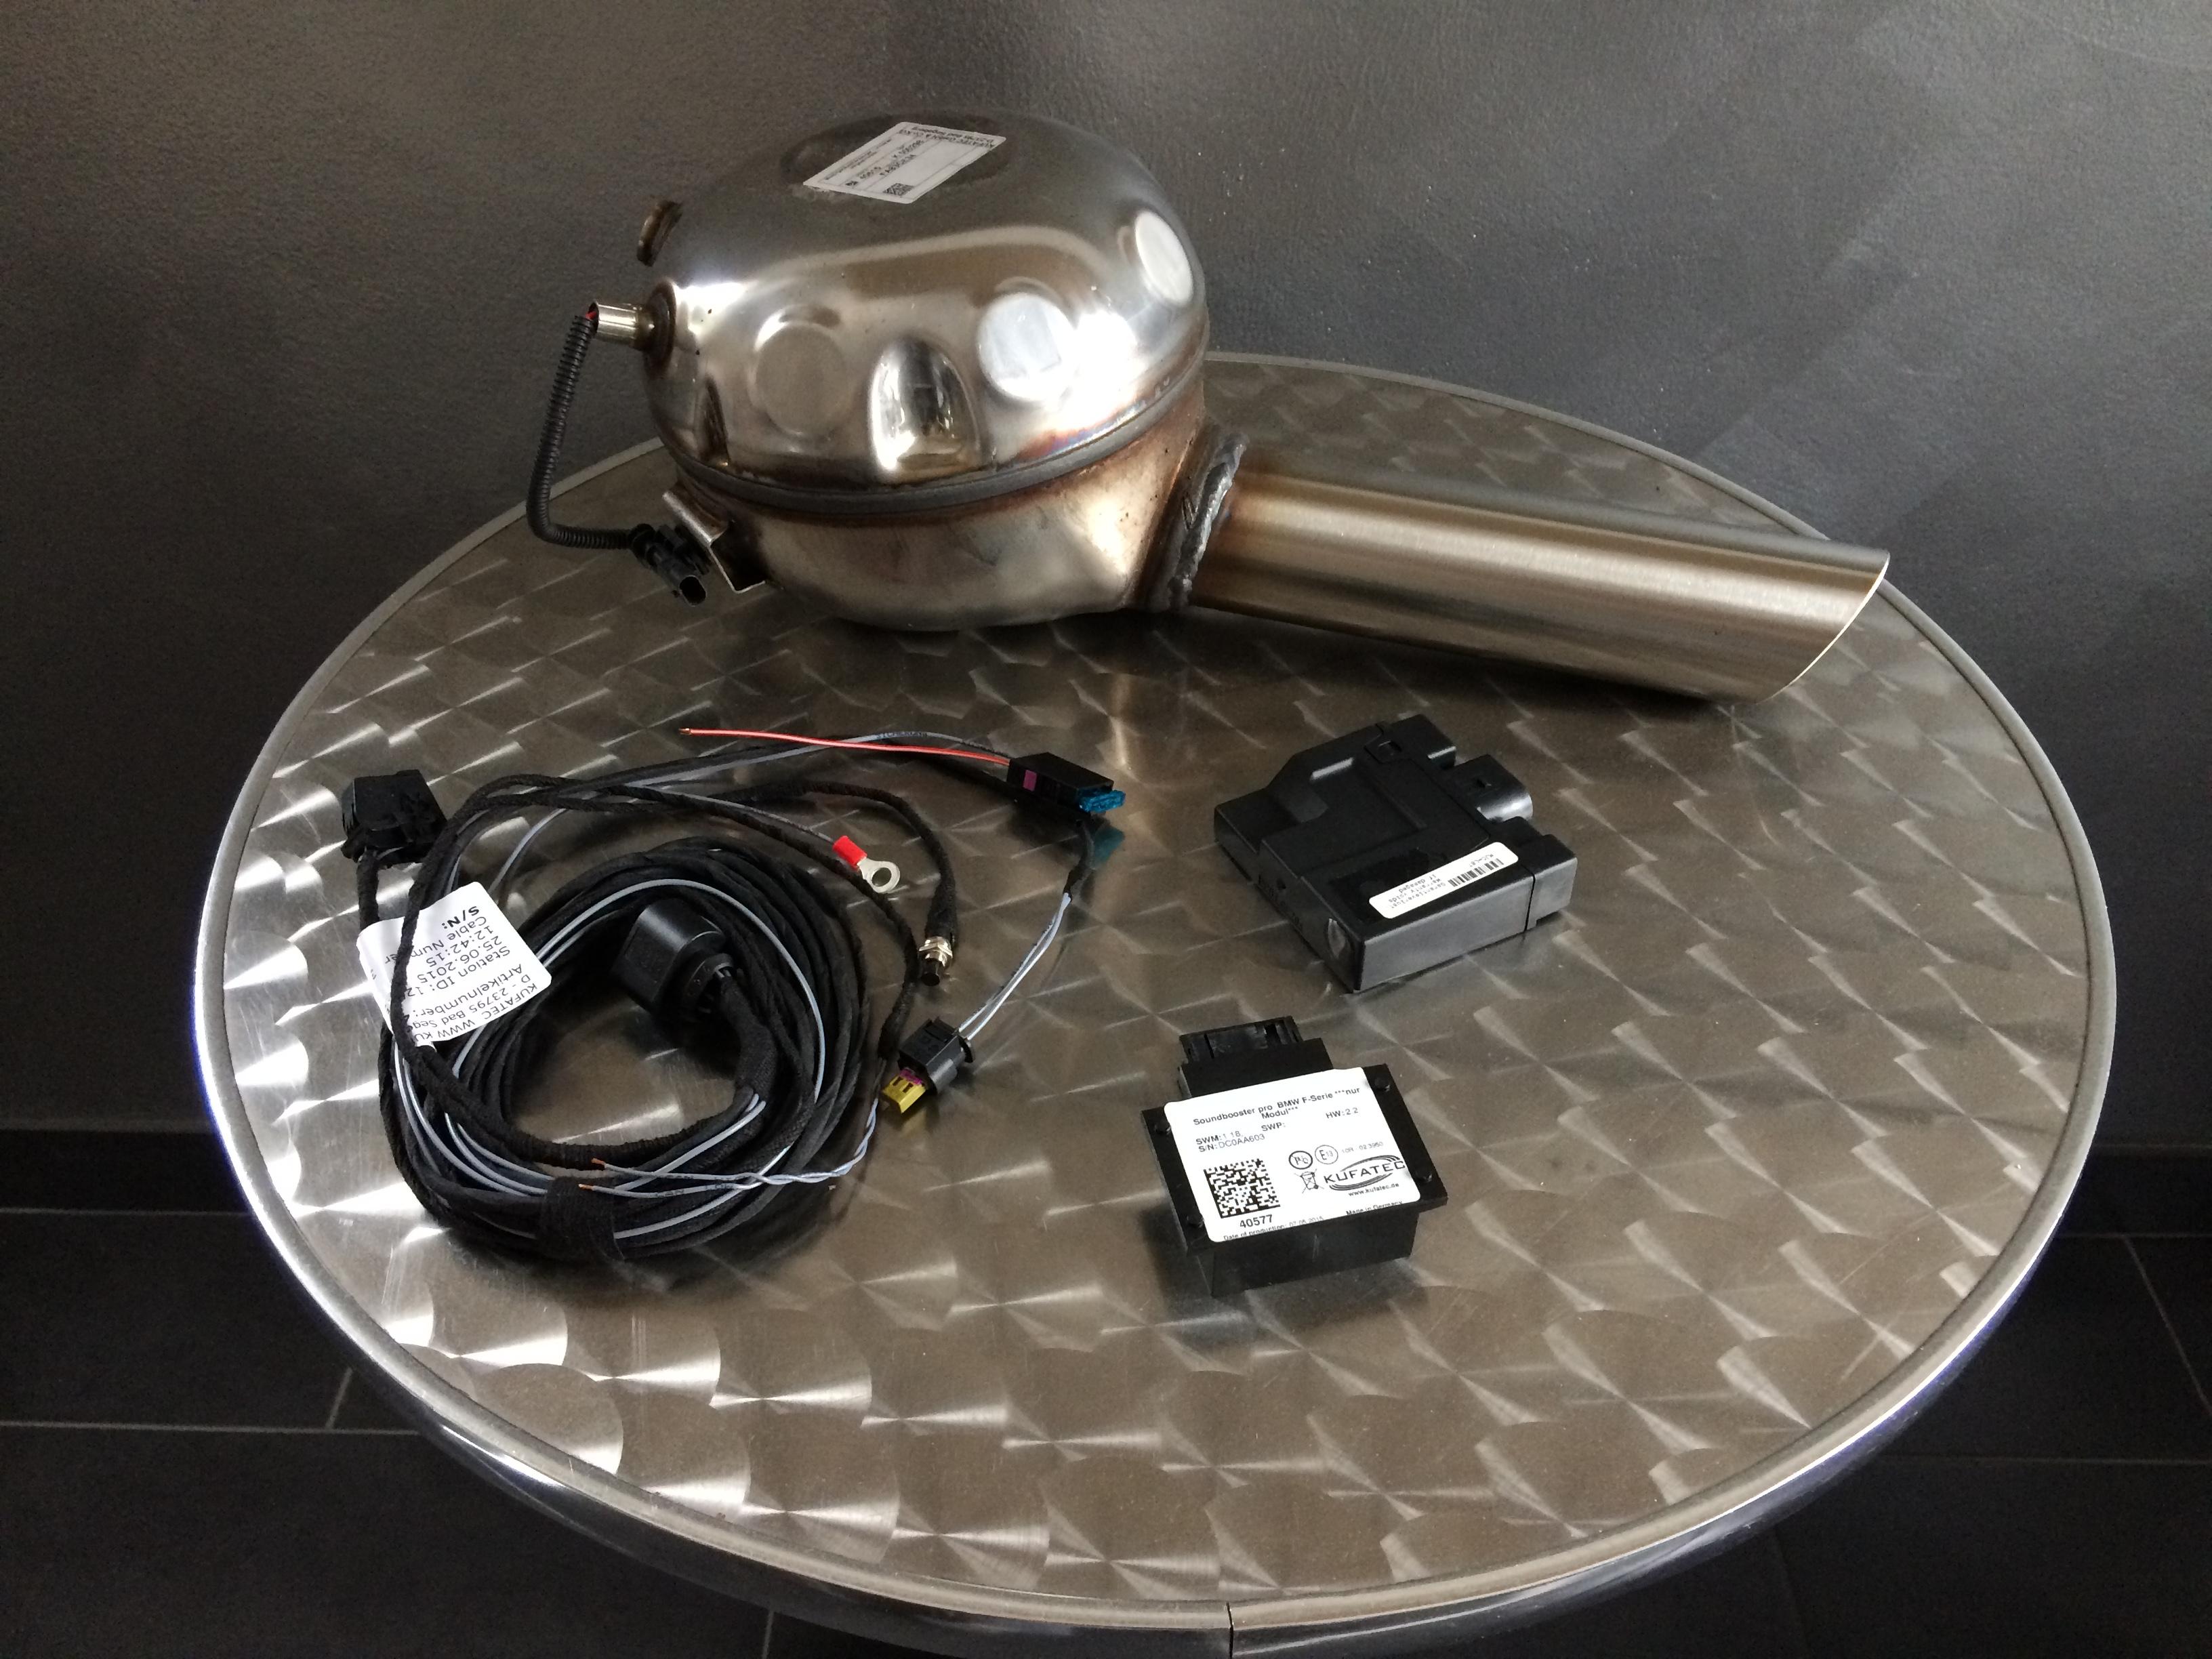 Sound Booster Pro - Motor Active Sound - Ford - inkl. 19% Mehrwertsteuer + Versand